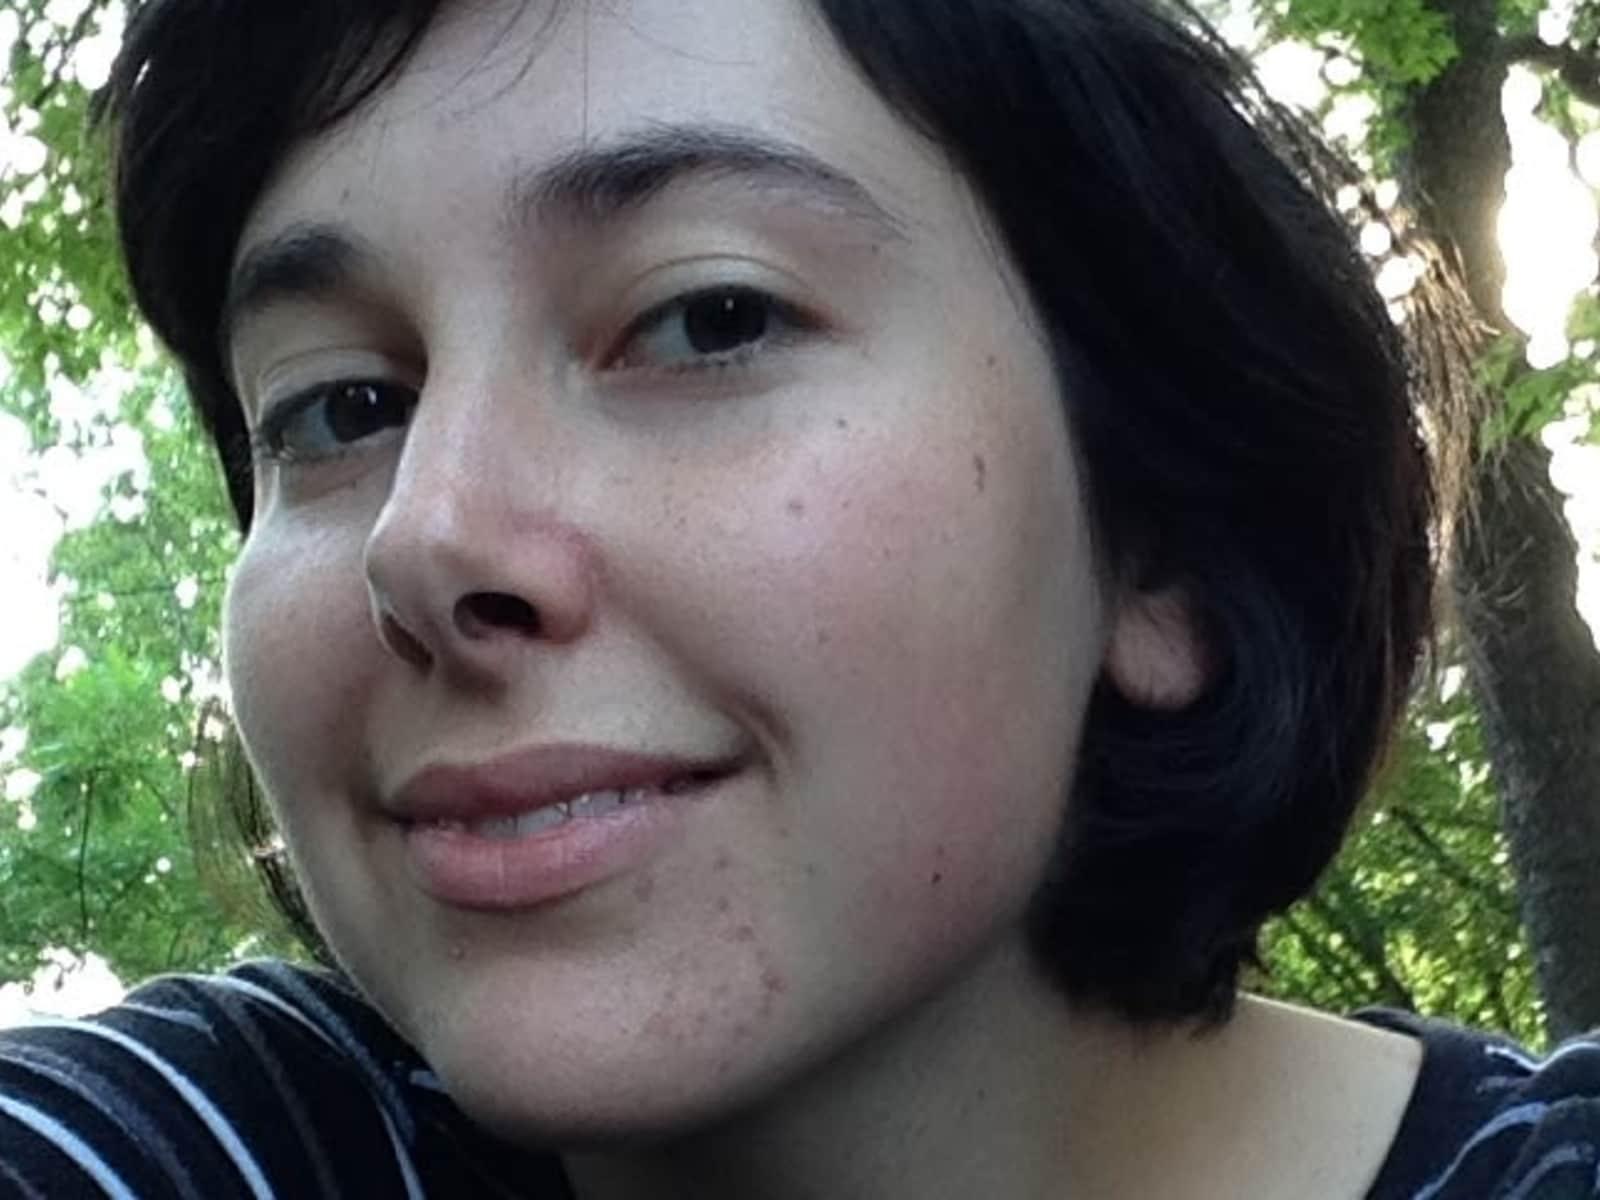 Raphaëlle from Montréal, Quebec, Canada